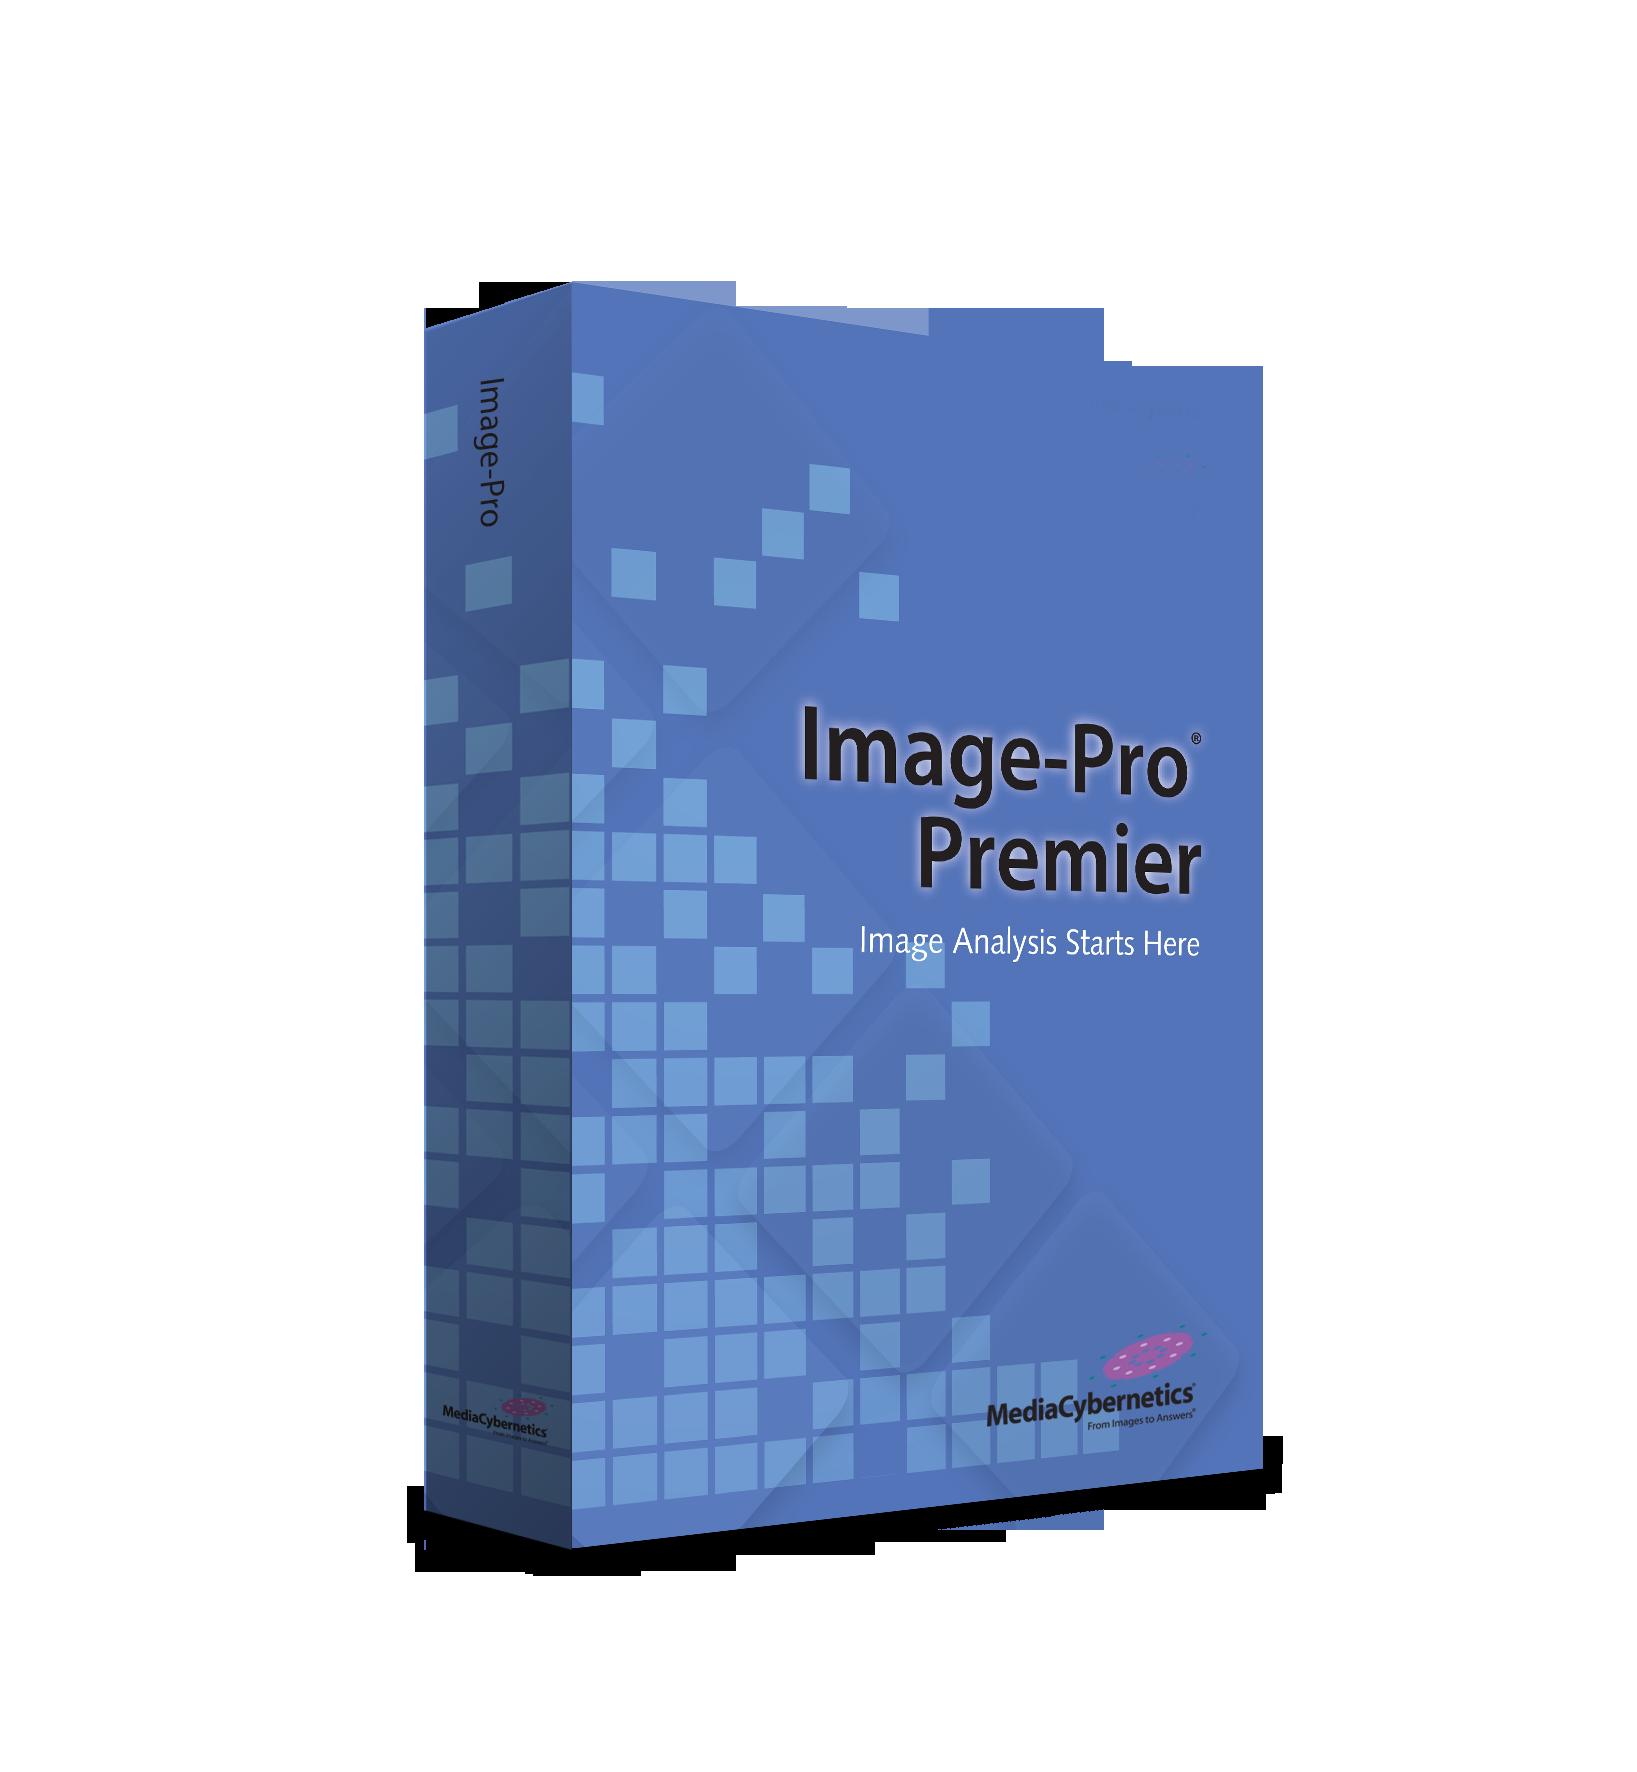 Image Pro Premier